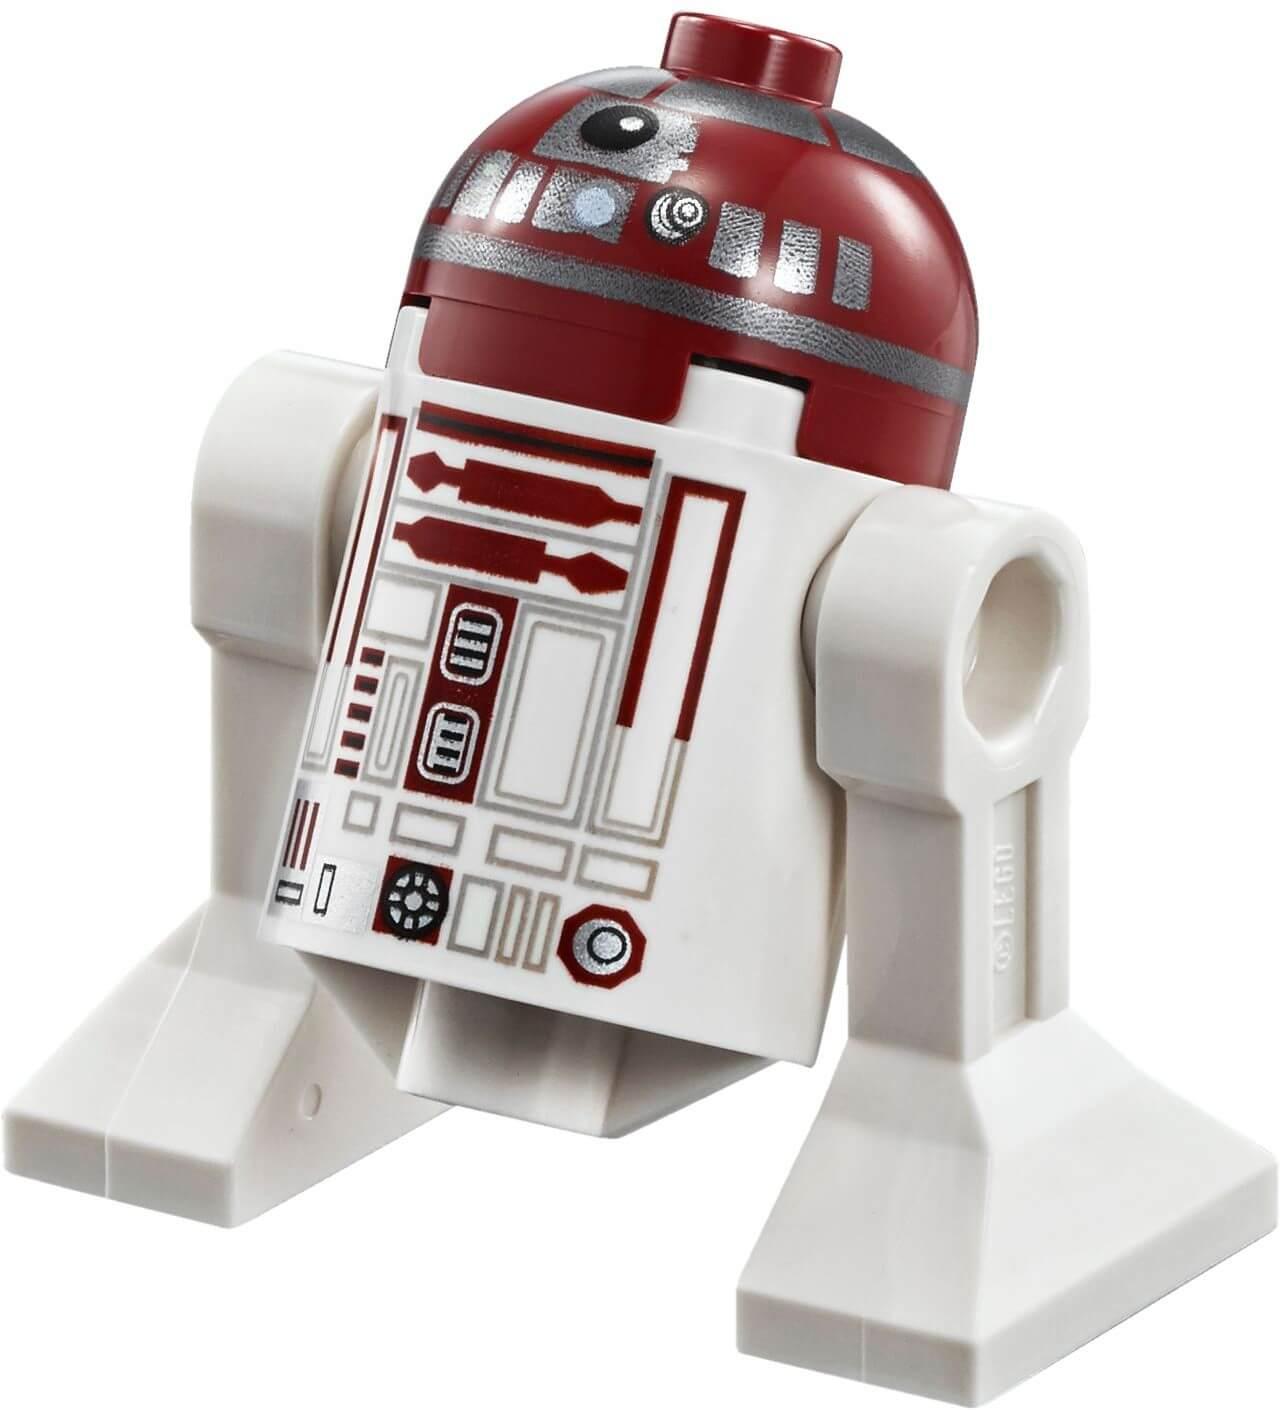 Mua đồ chơi LEGO 75191 - LEGO Star Wars 75191 - Phi Thuyền Jedi và Động cơ Siêu Tốc Hyperdrive (LEGO Star Wars Jedi Starfighter with Hyperdrive)